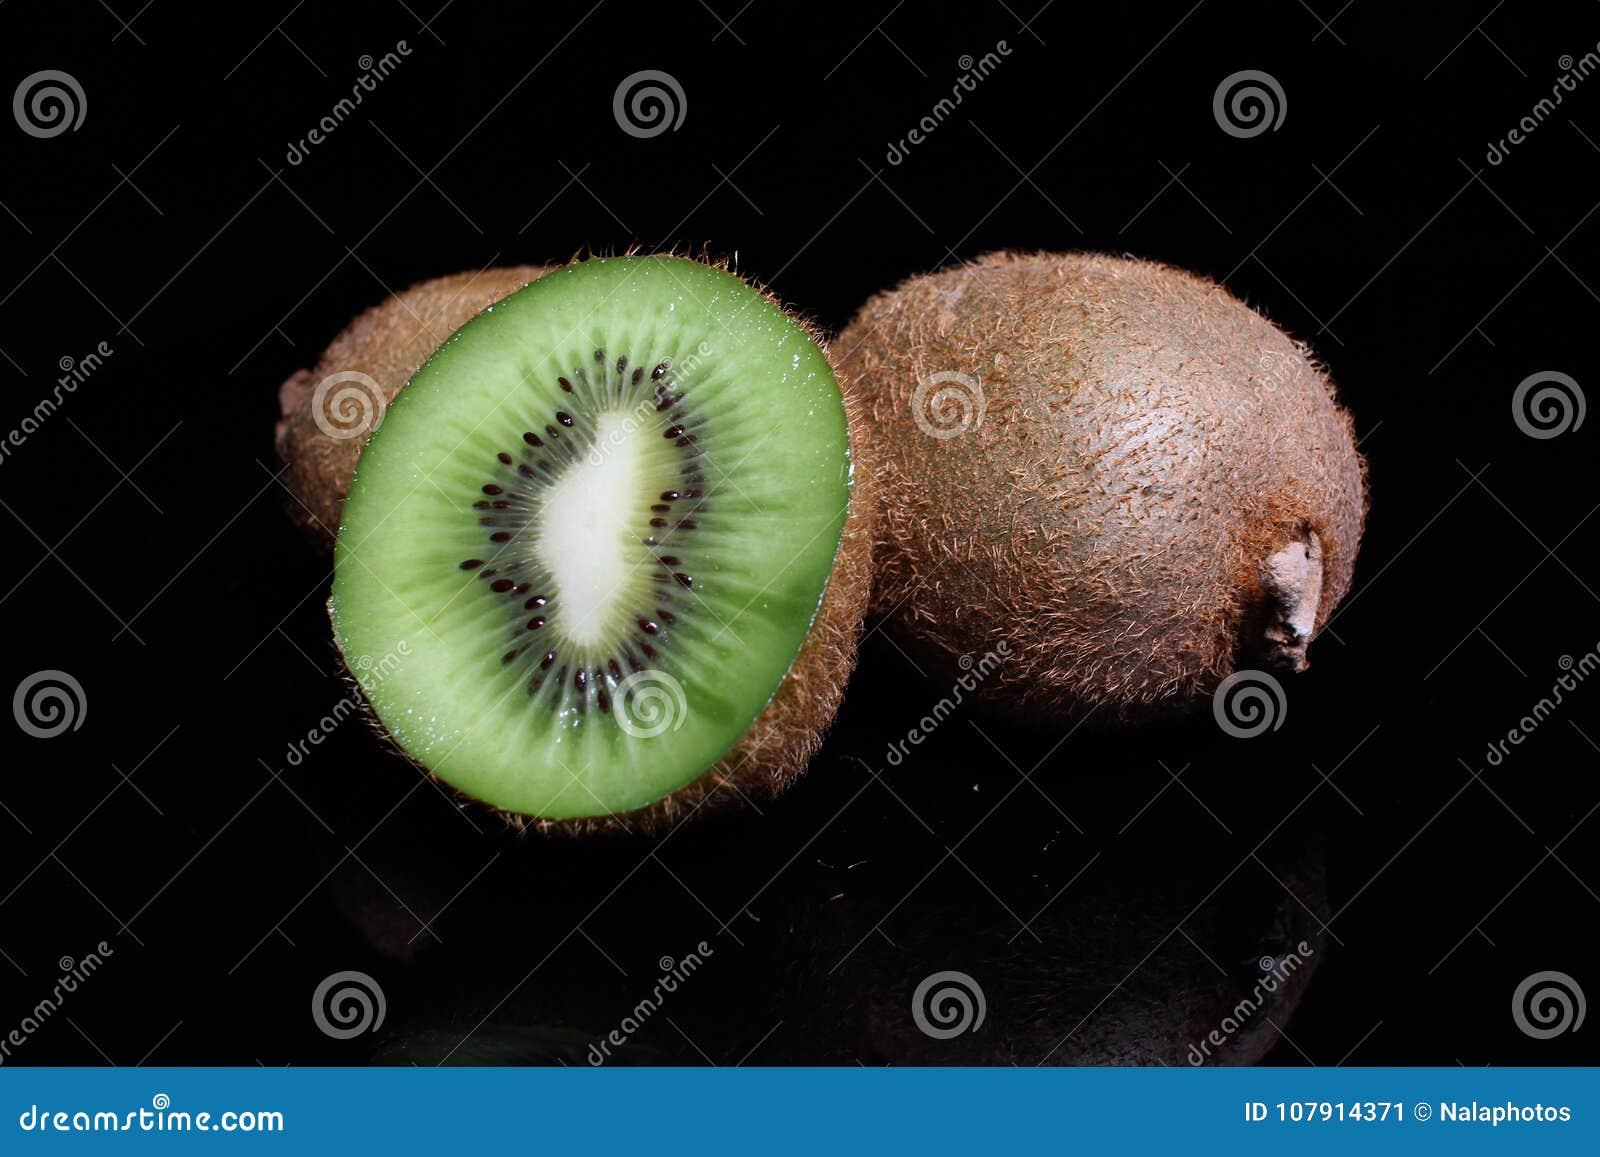 Kiwi kiwi i przyrodni kiwi na czarnym tle Pracowniana fotografia